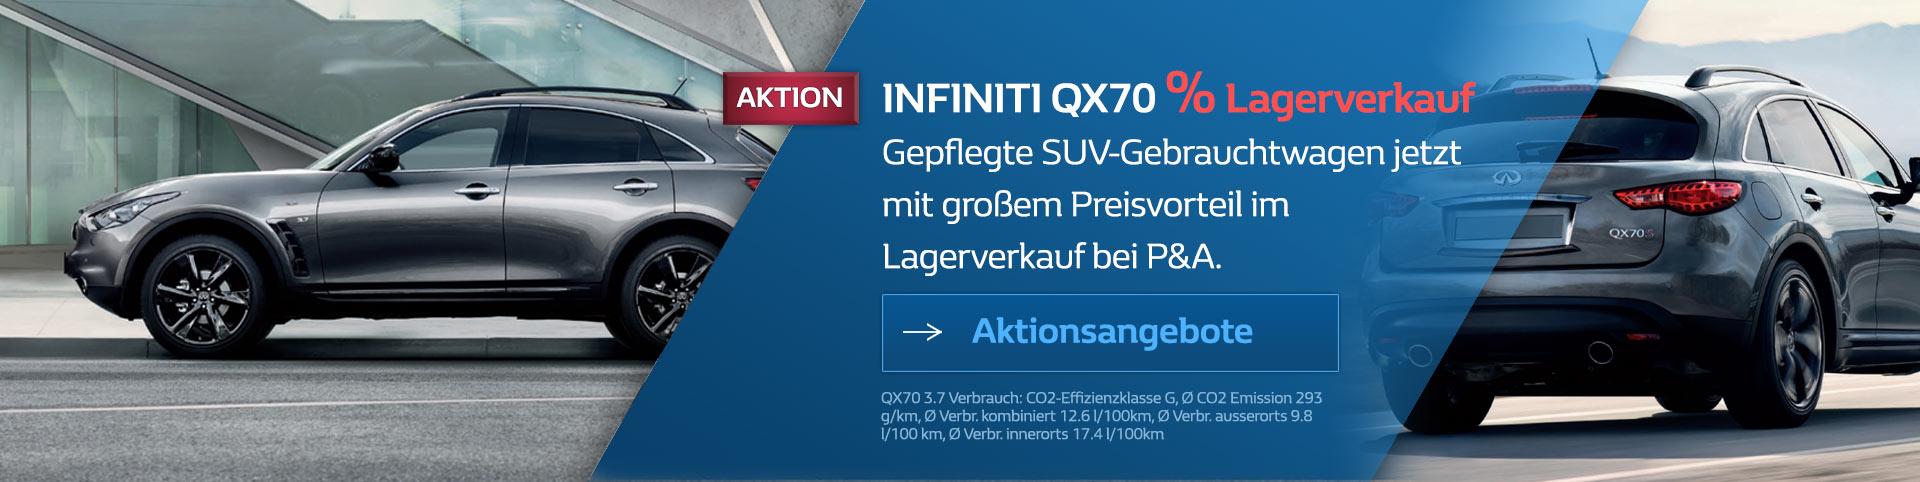 Infiniti QX70 Gebrauchtwagen